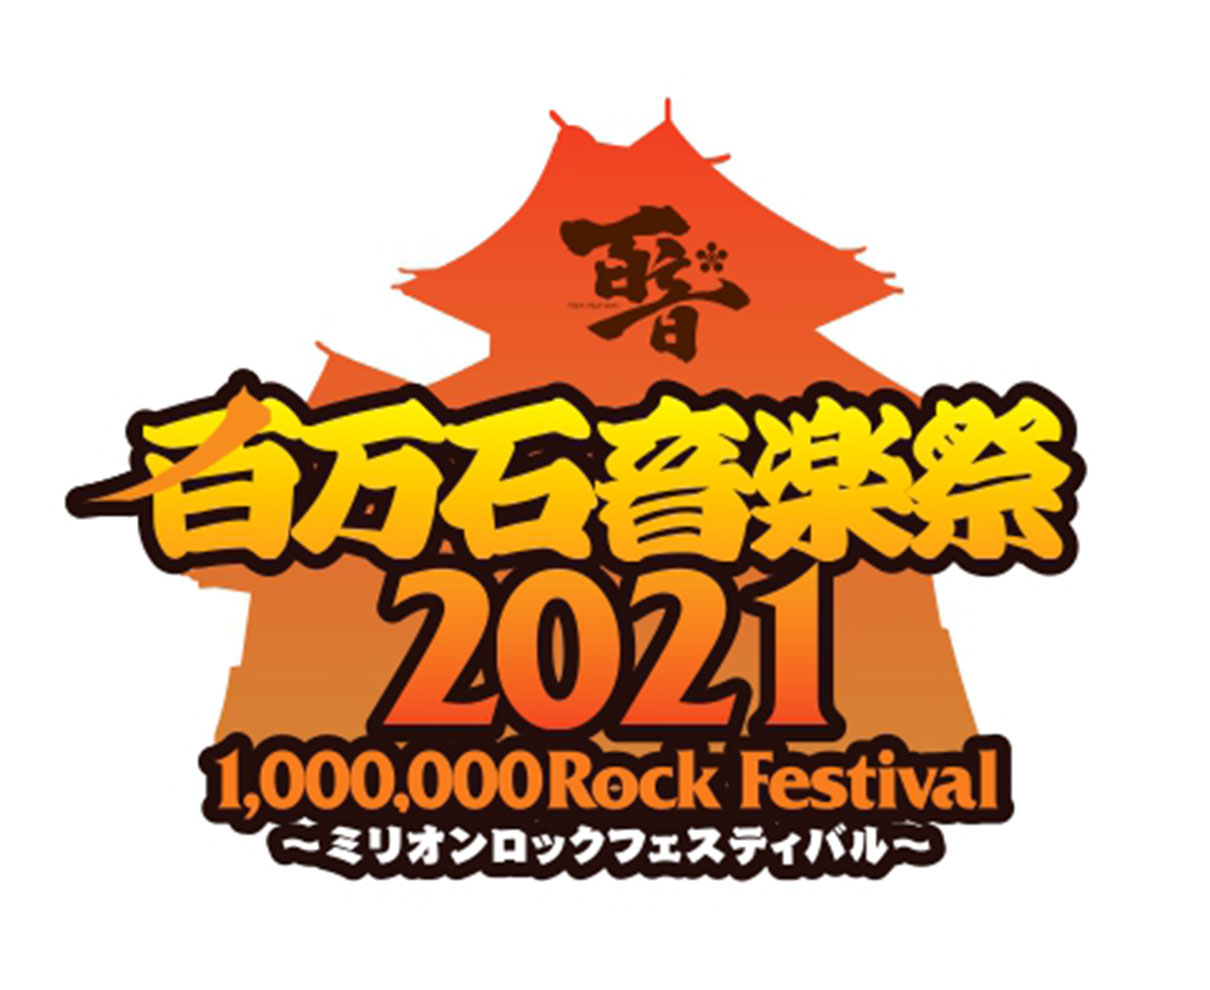 北陸を代表するロックフェス『百万石音楽祭~ミリオンロックフェスティバル』開催決定!